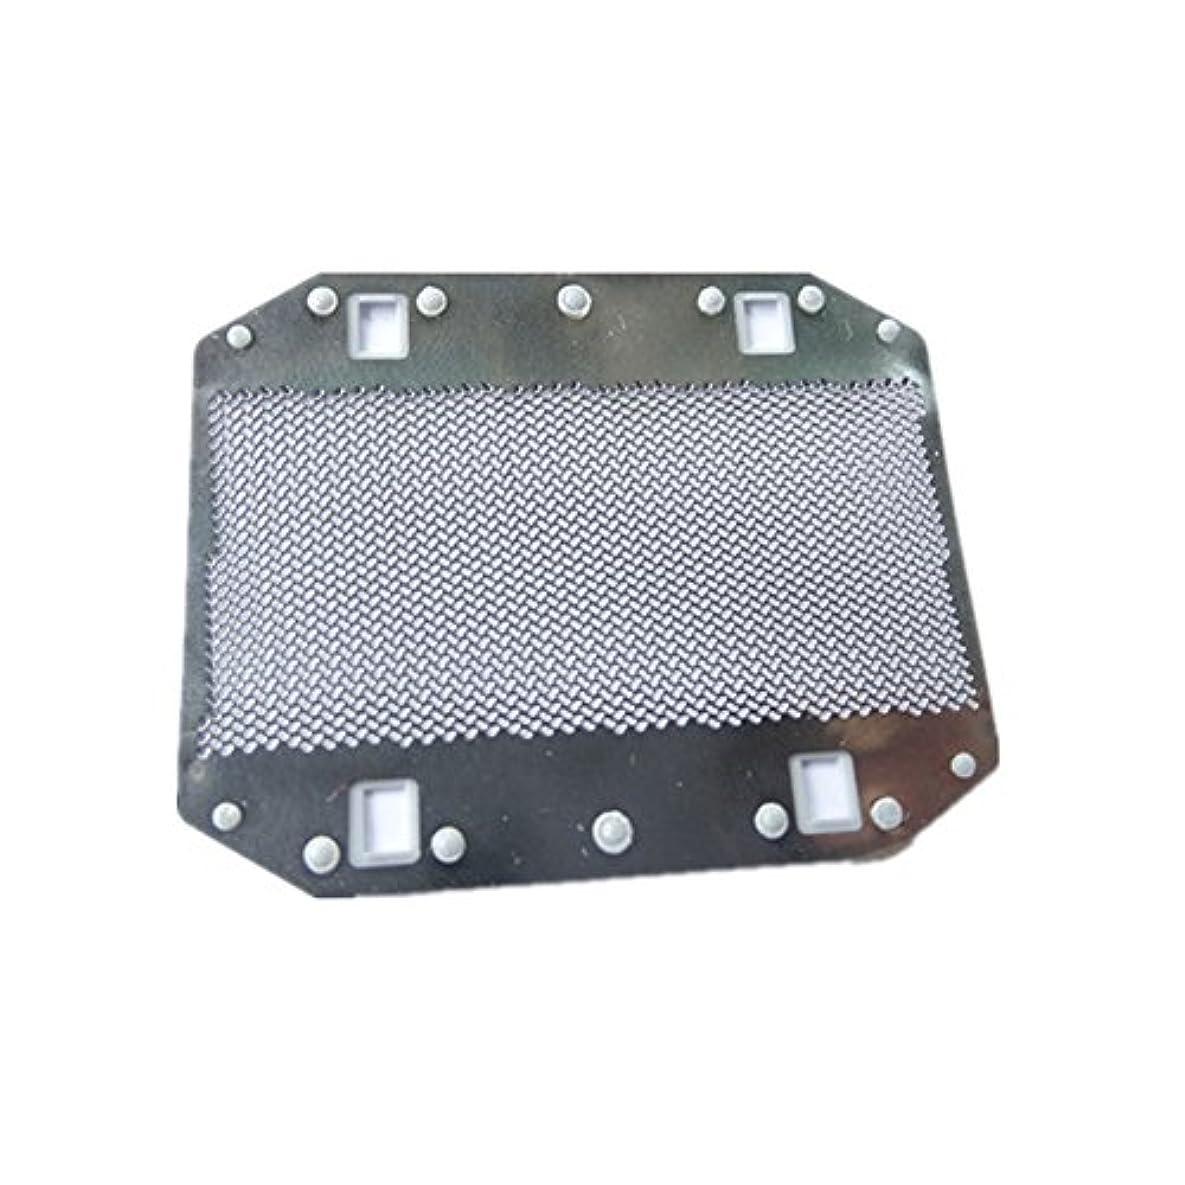 スカーフ大人満足させるHZjundasi シェーバー剃刀 Outer ホイル for Panasonic ES3050/376/317/RC40/RP20 ES9943C